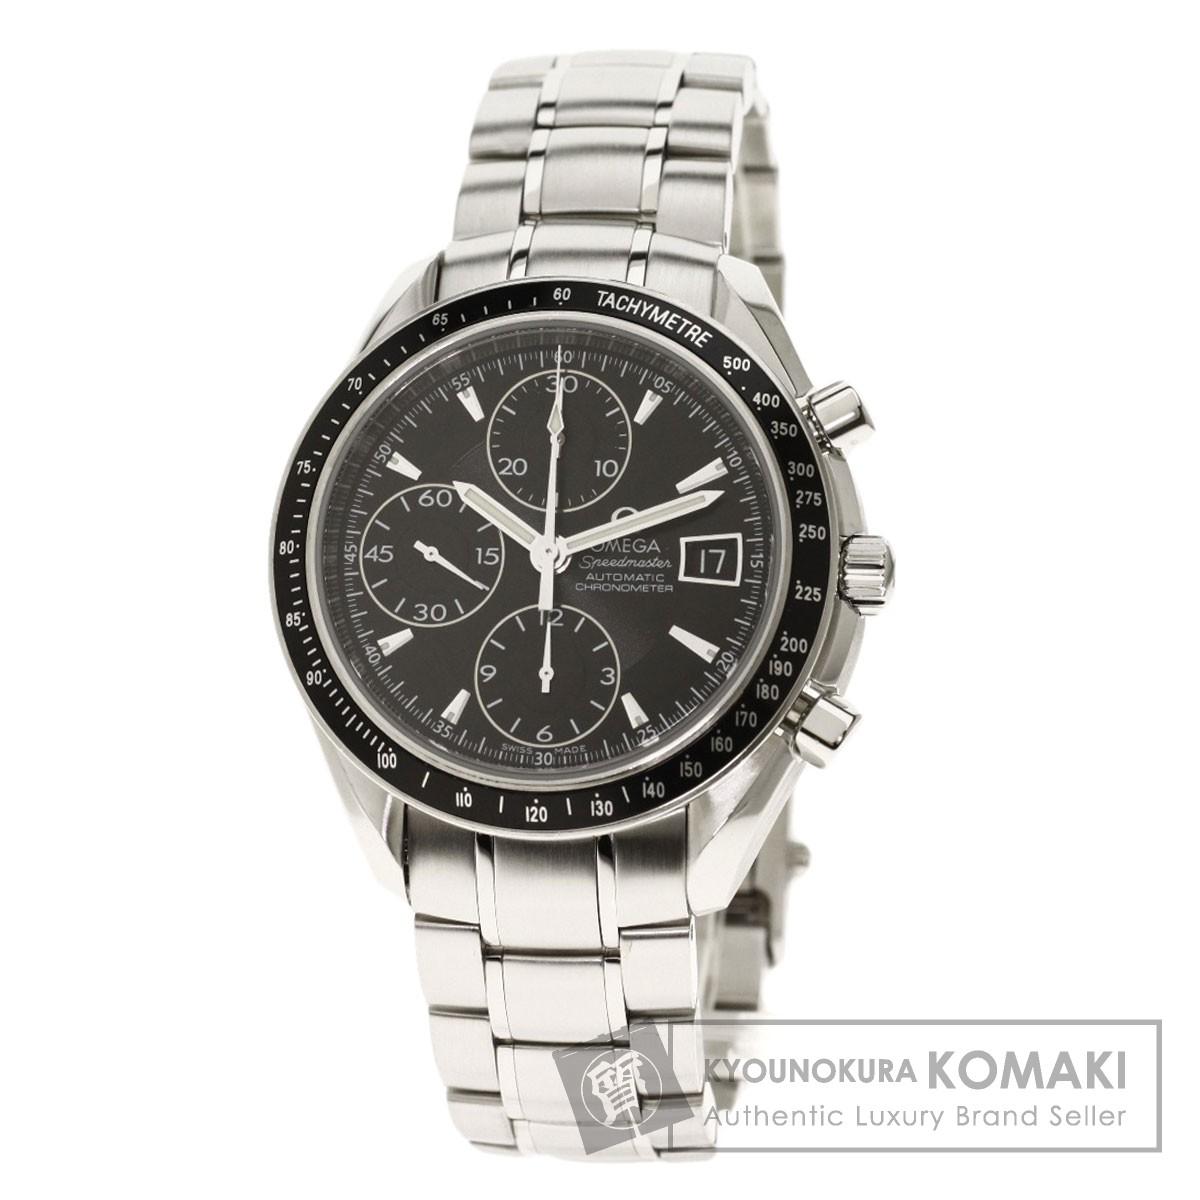 オメガ 3210.50 スピードマスター 腕時計 ステンレススチール/SS メンズ 【中古】【OMEGA】